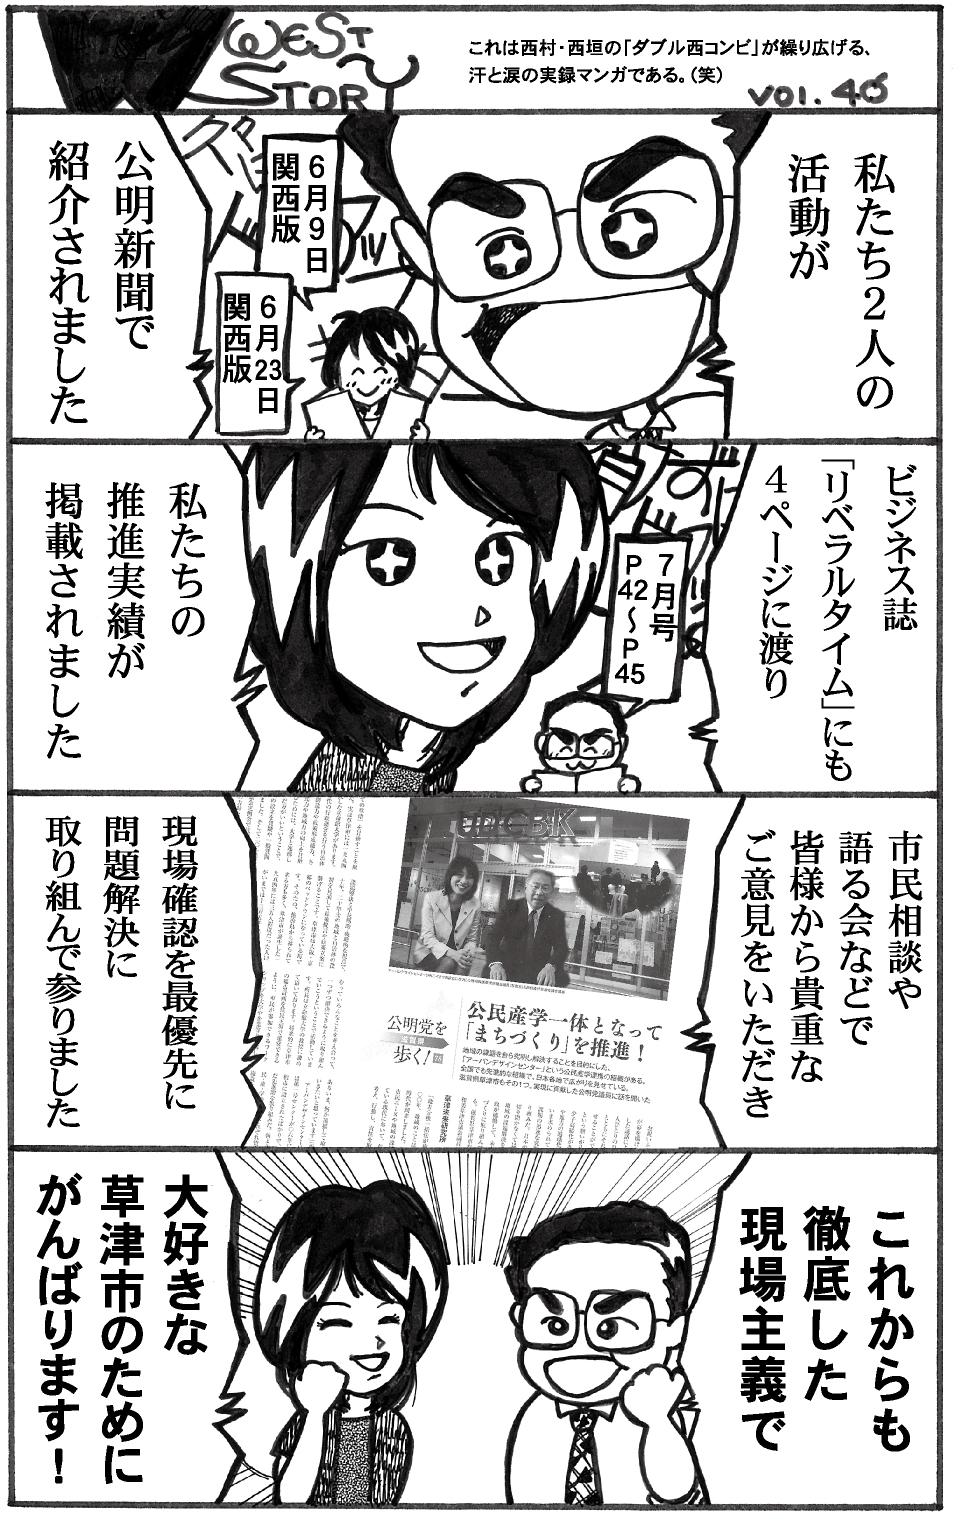 jitsuroku_vol46.jpg